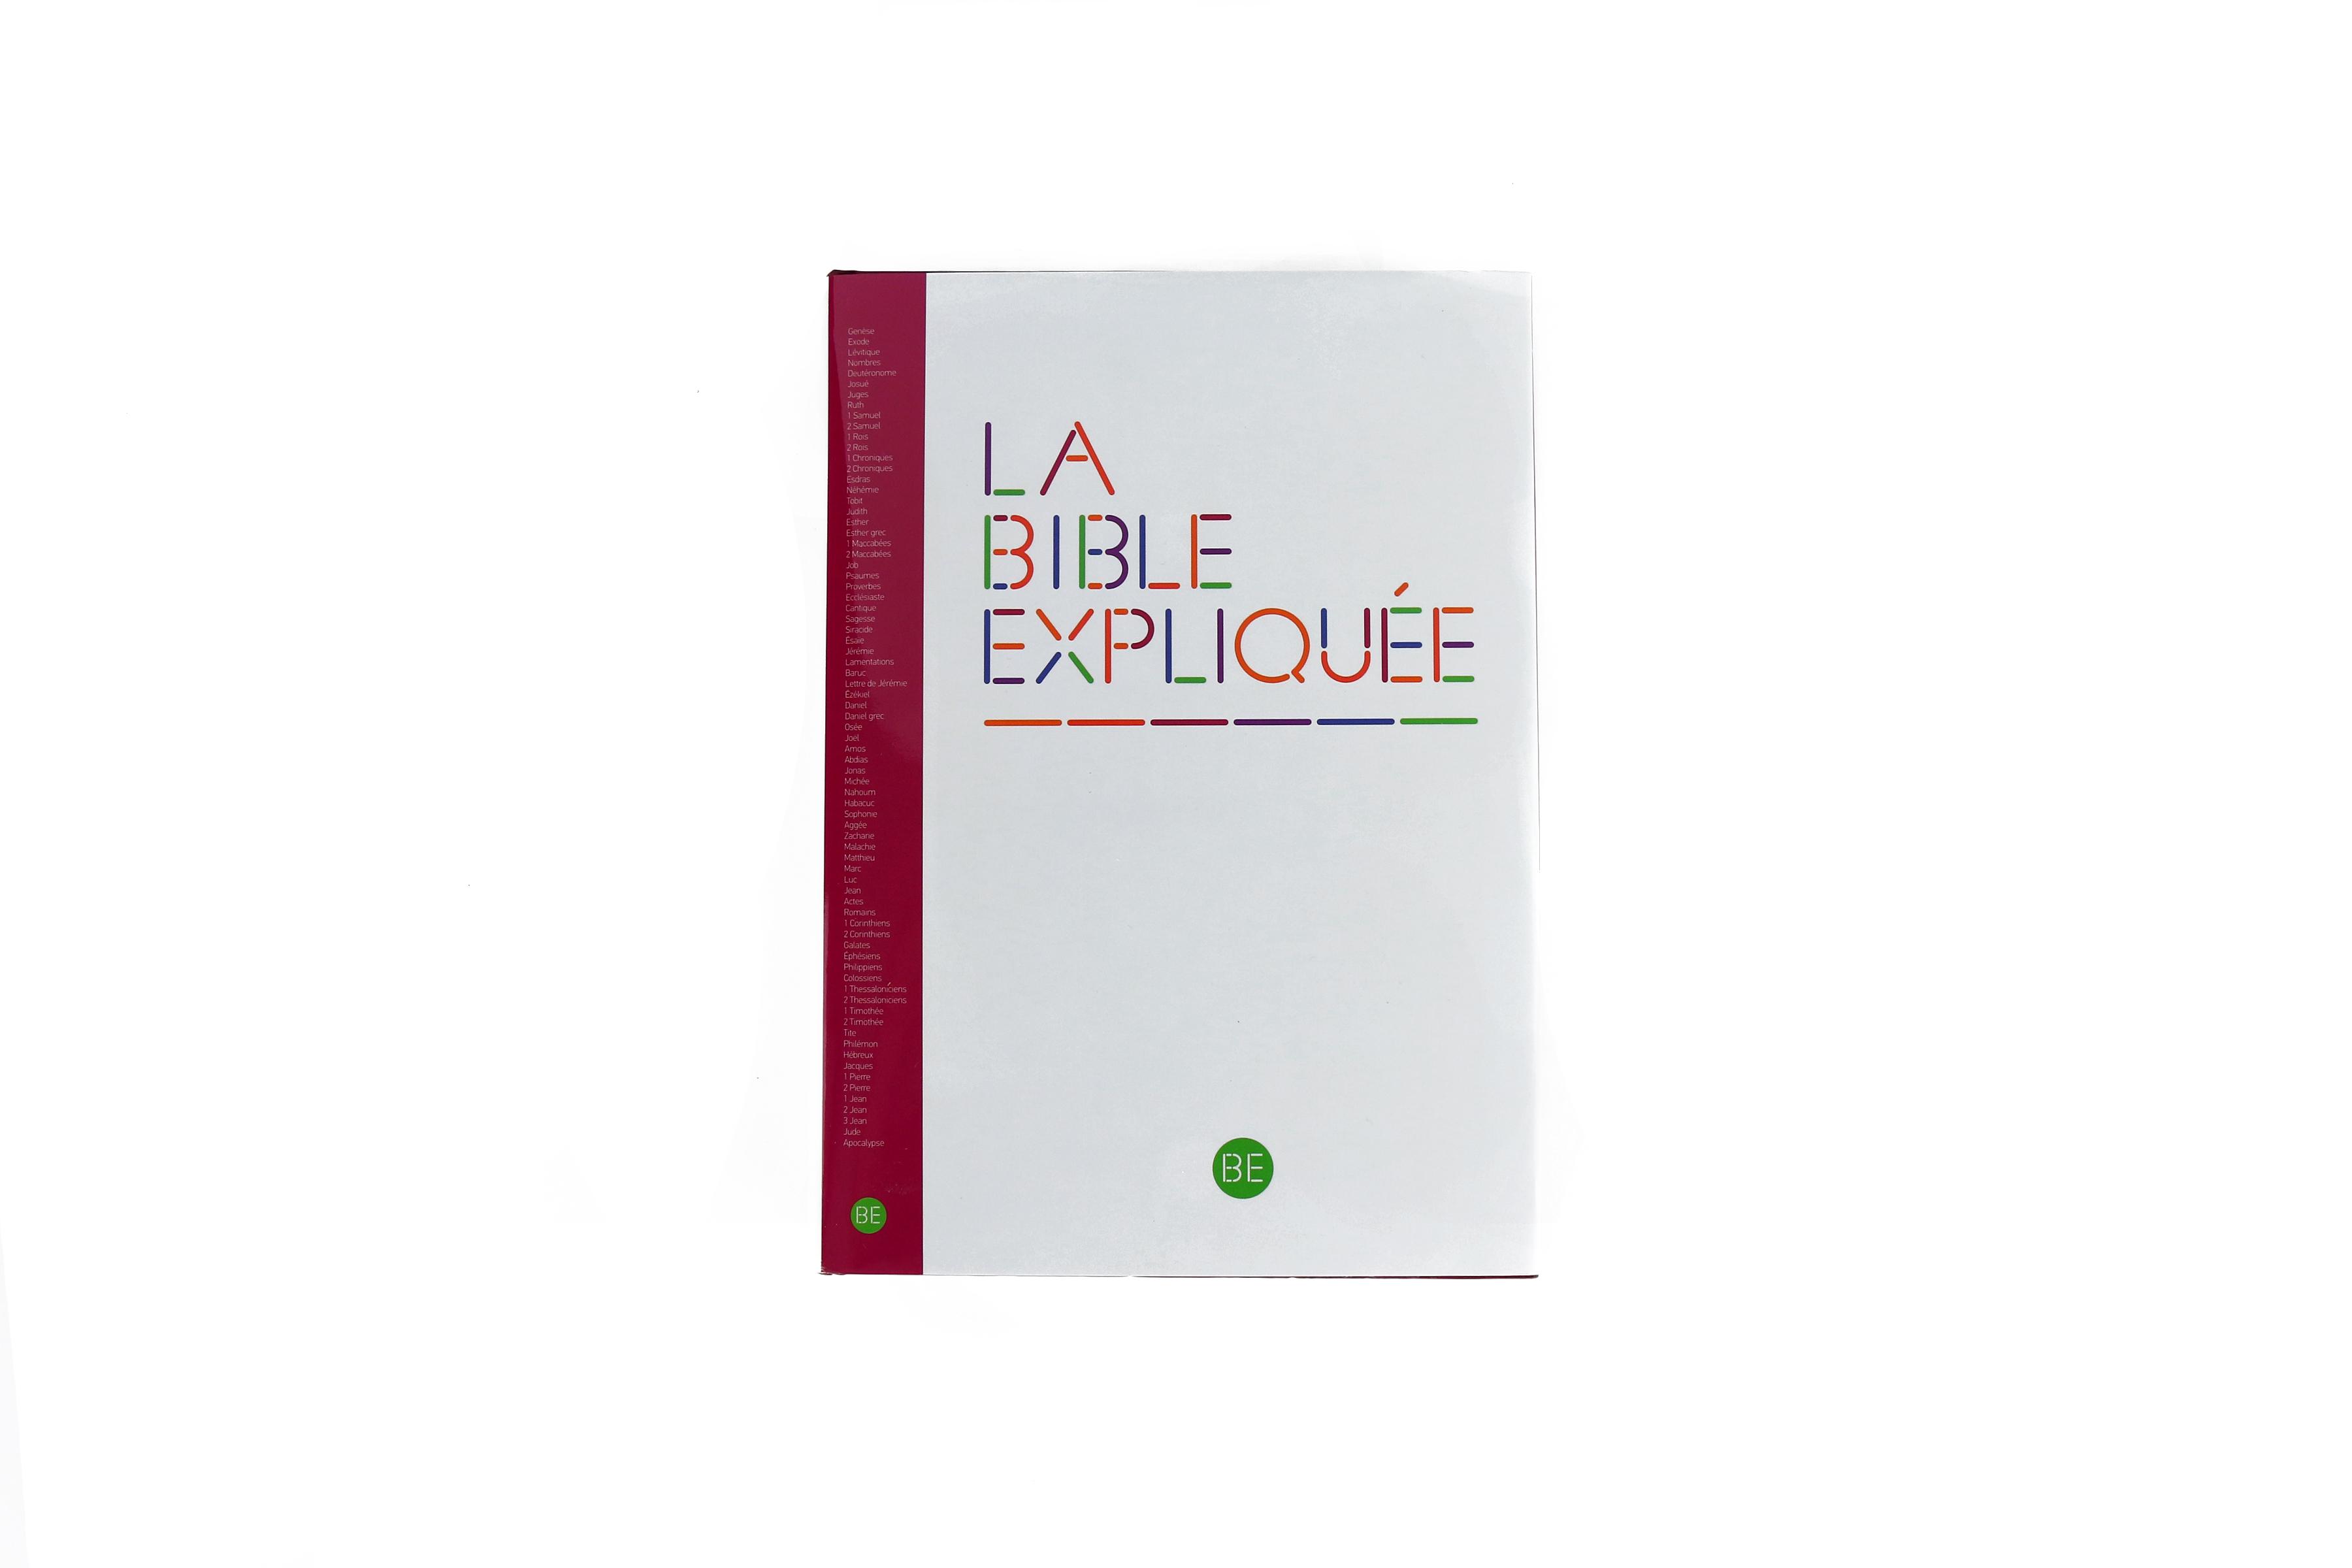 La Bible expliquée / Explained Bible